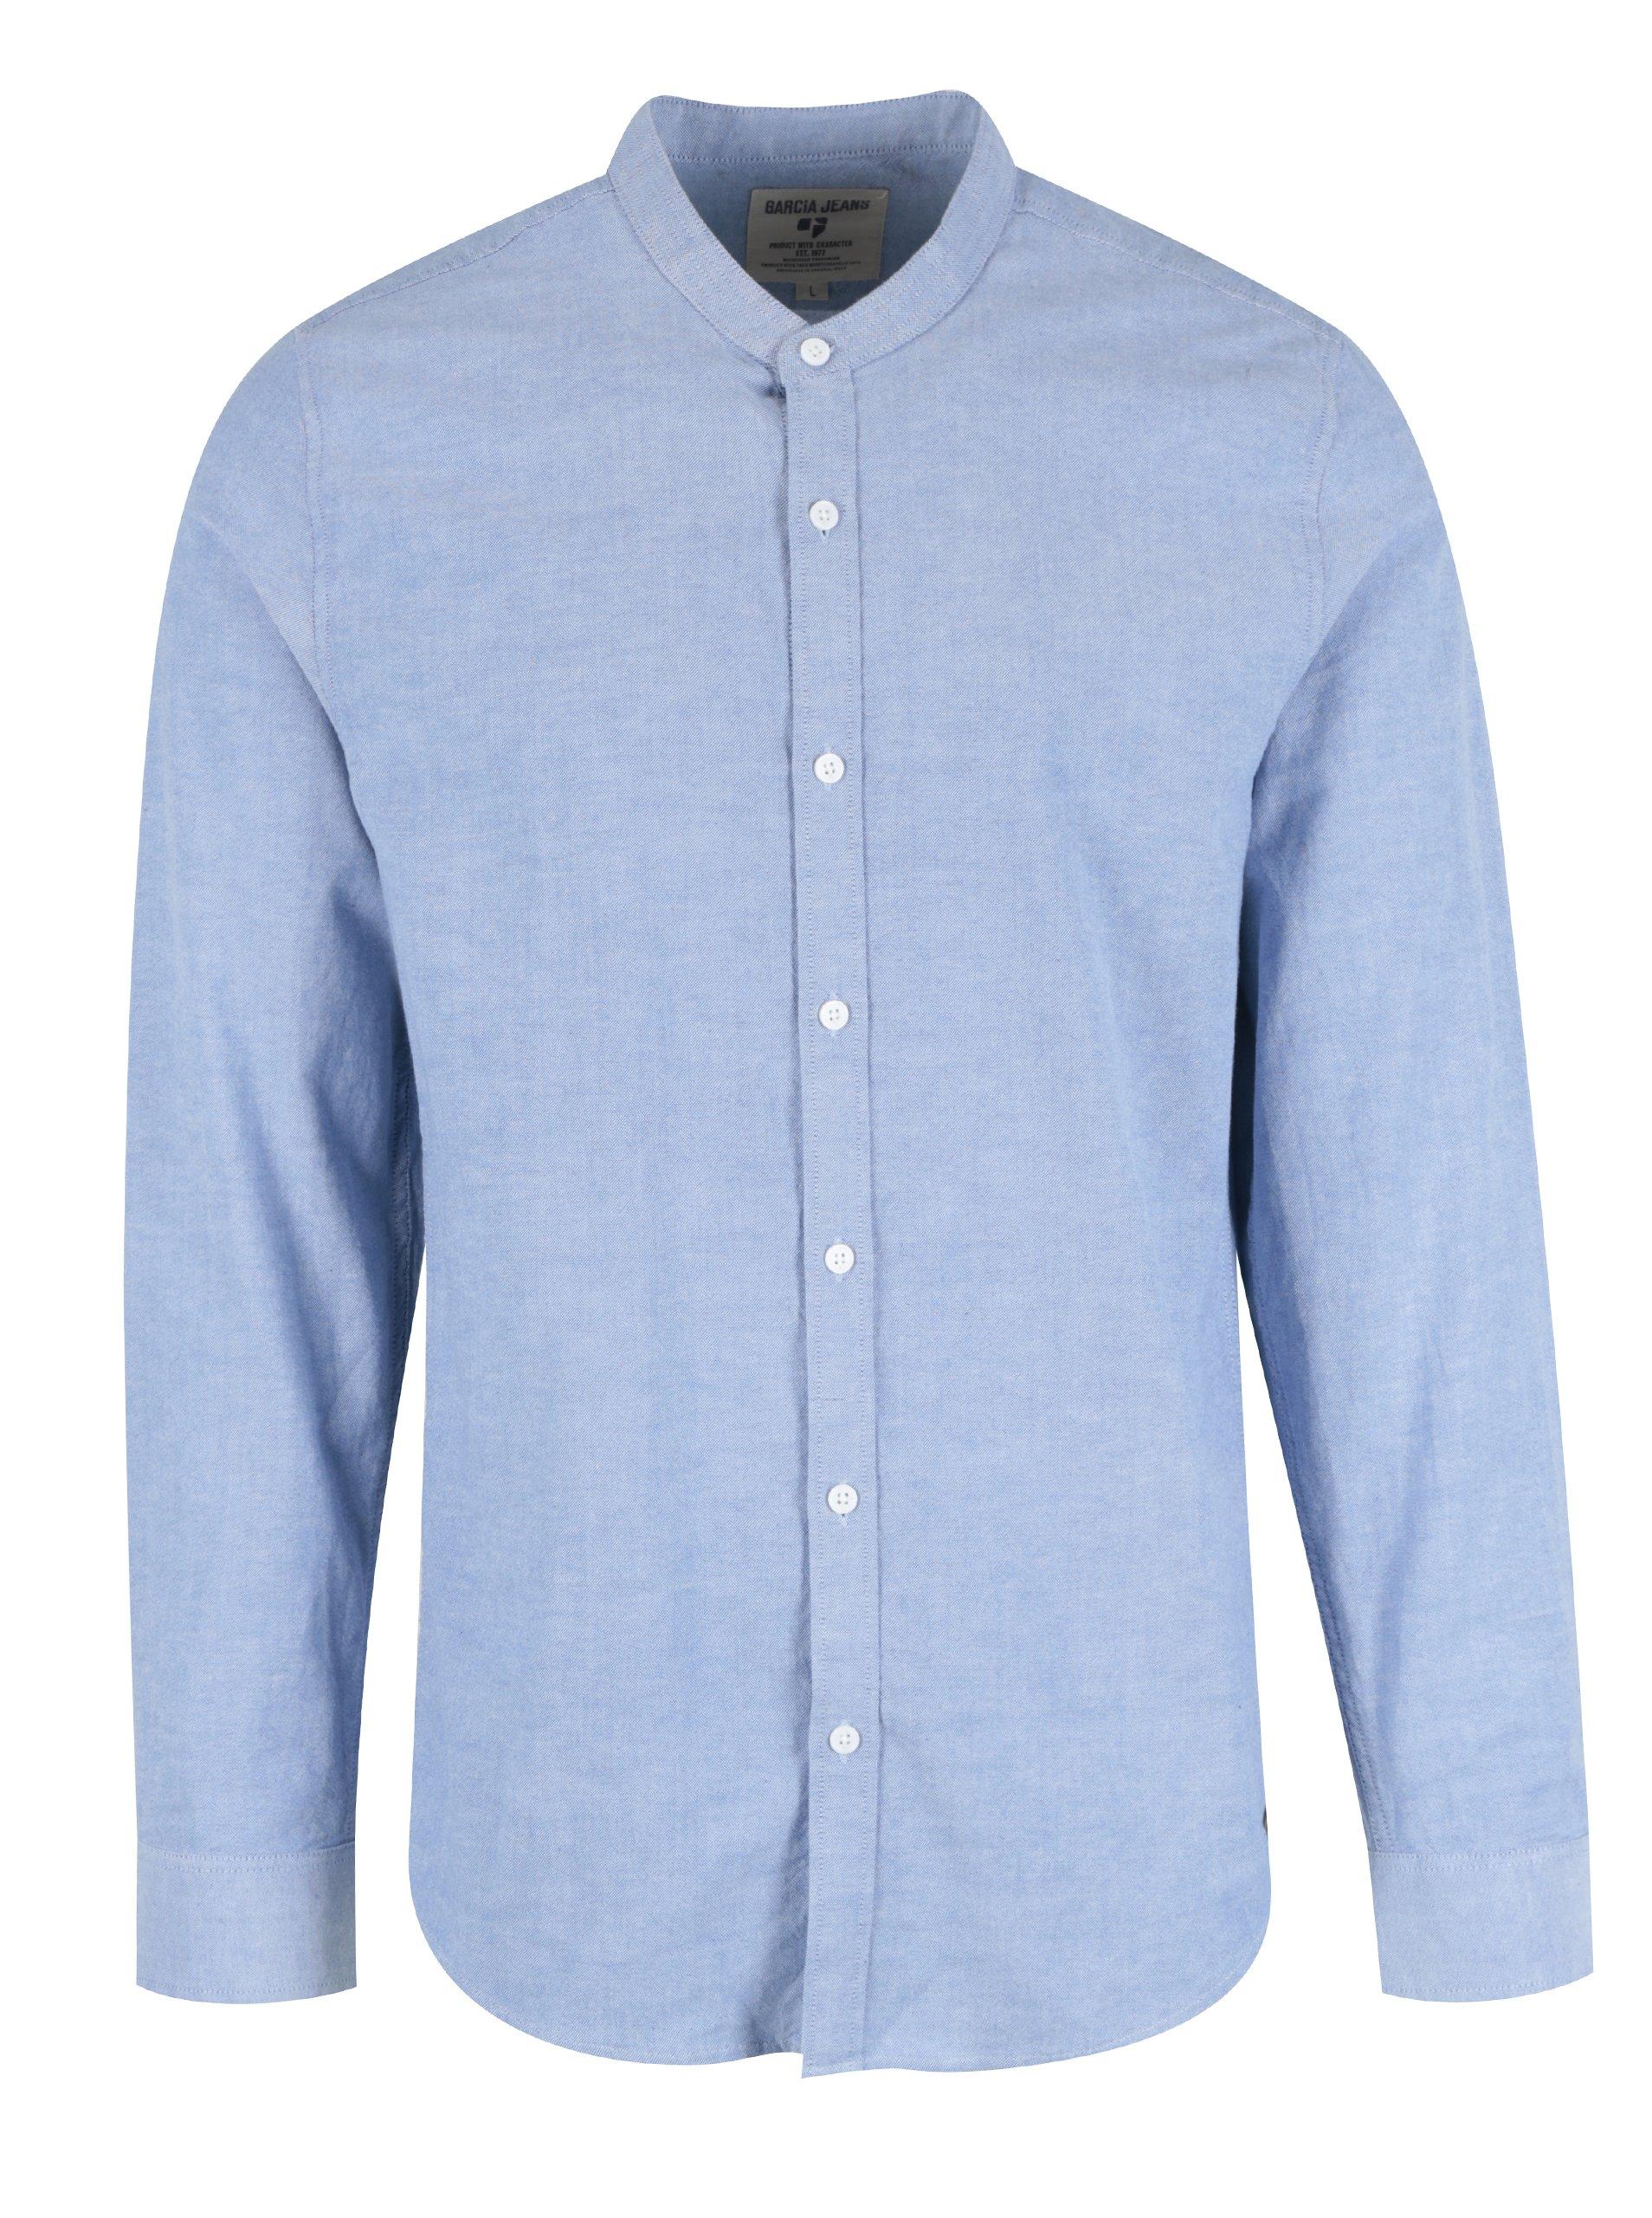 284a20807085 Svetlomodrá pánska neformálna košeľa bez goliera Garcia Jeans